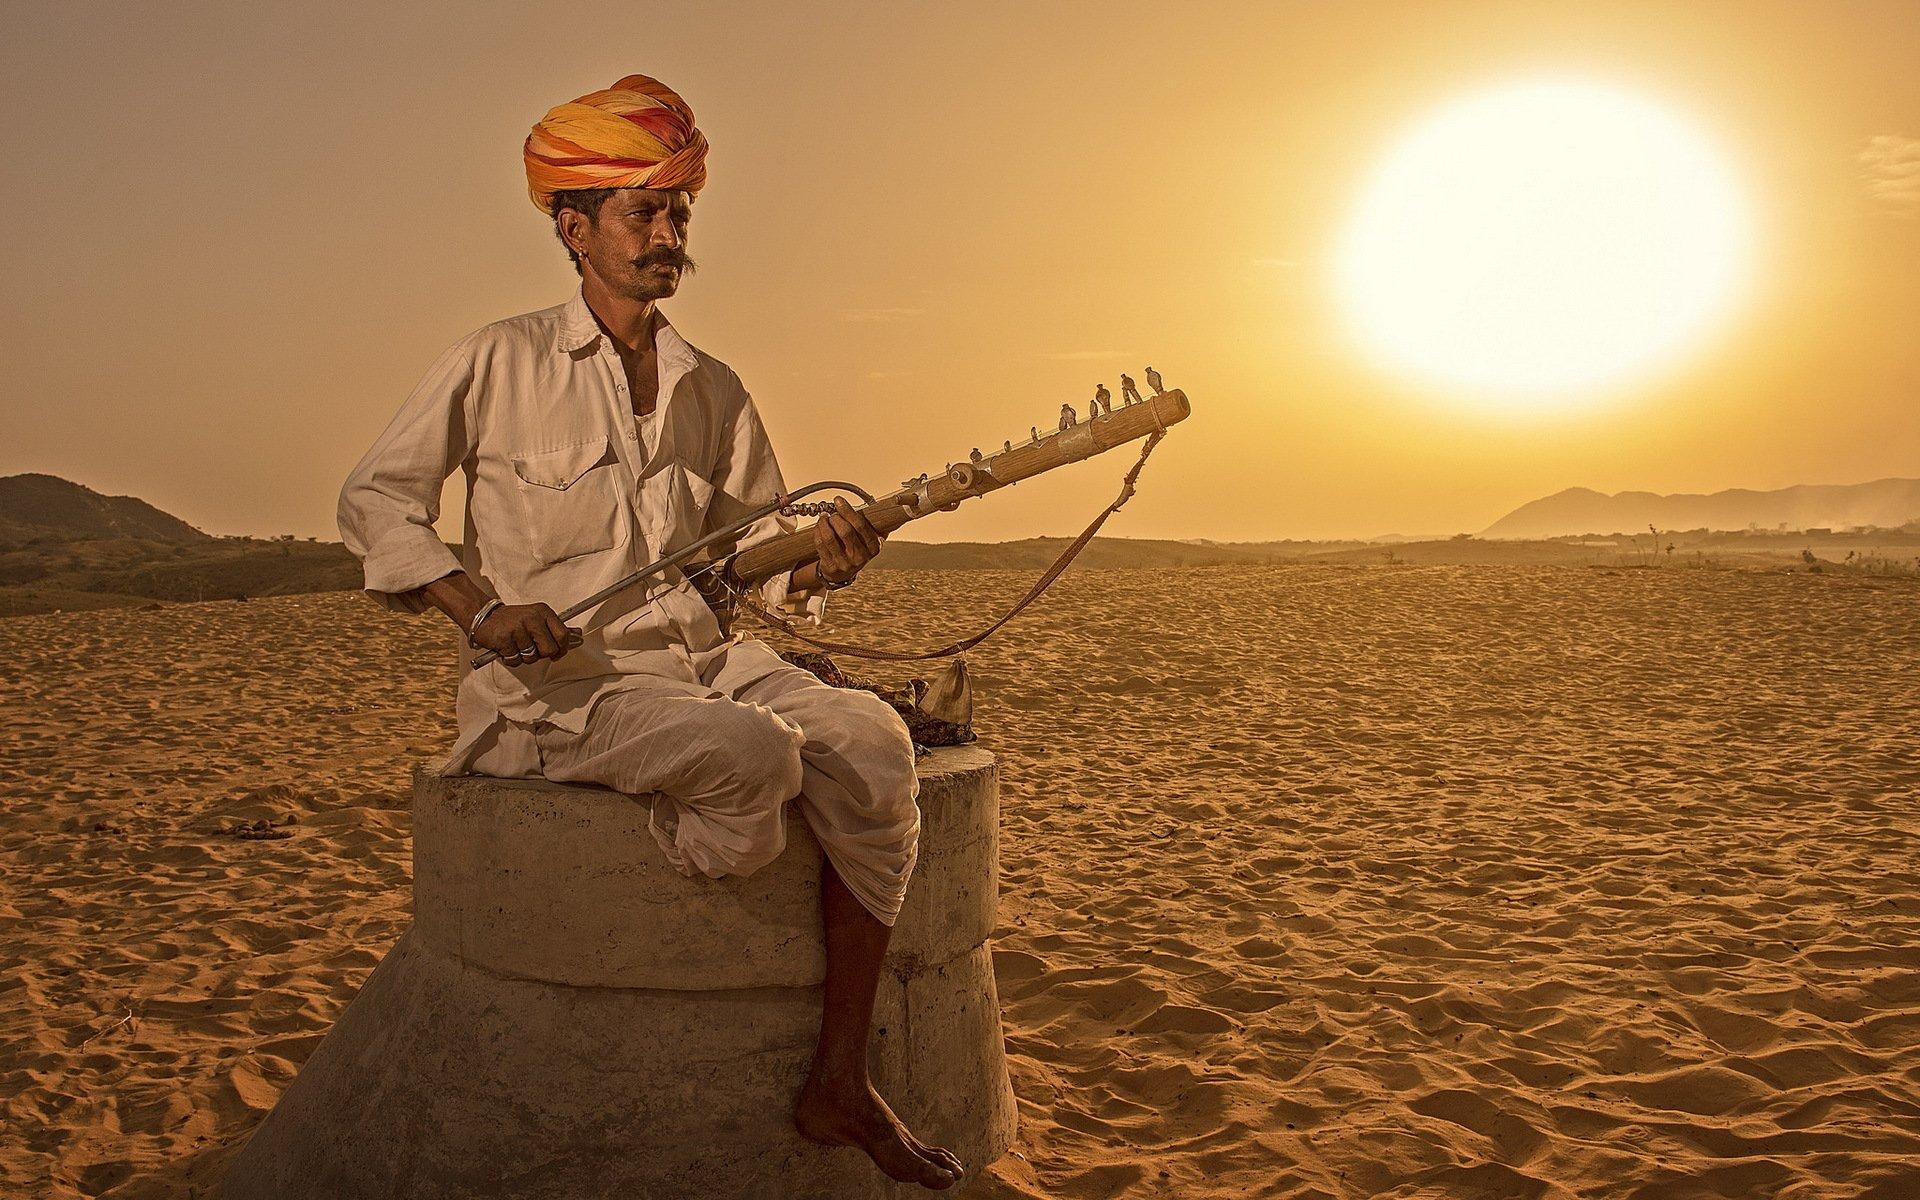 Музыка в пустыне  № 3622179 без смс